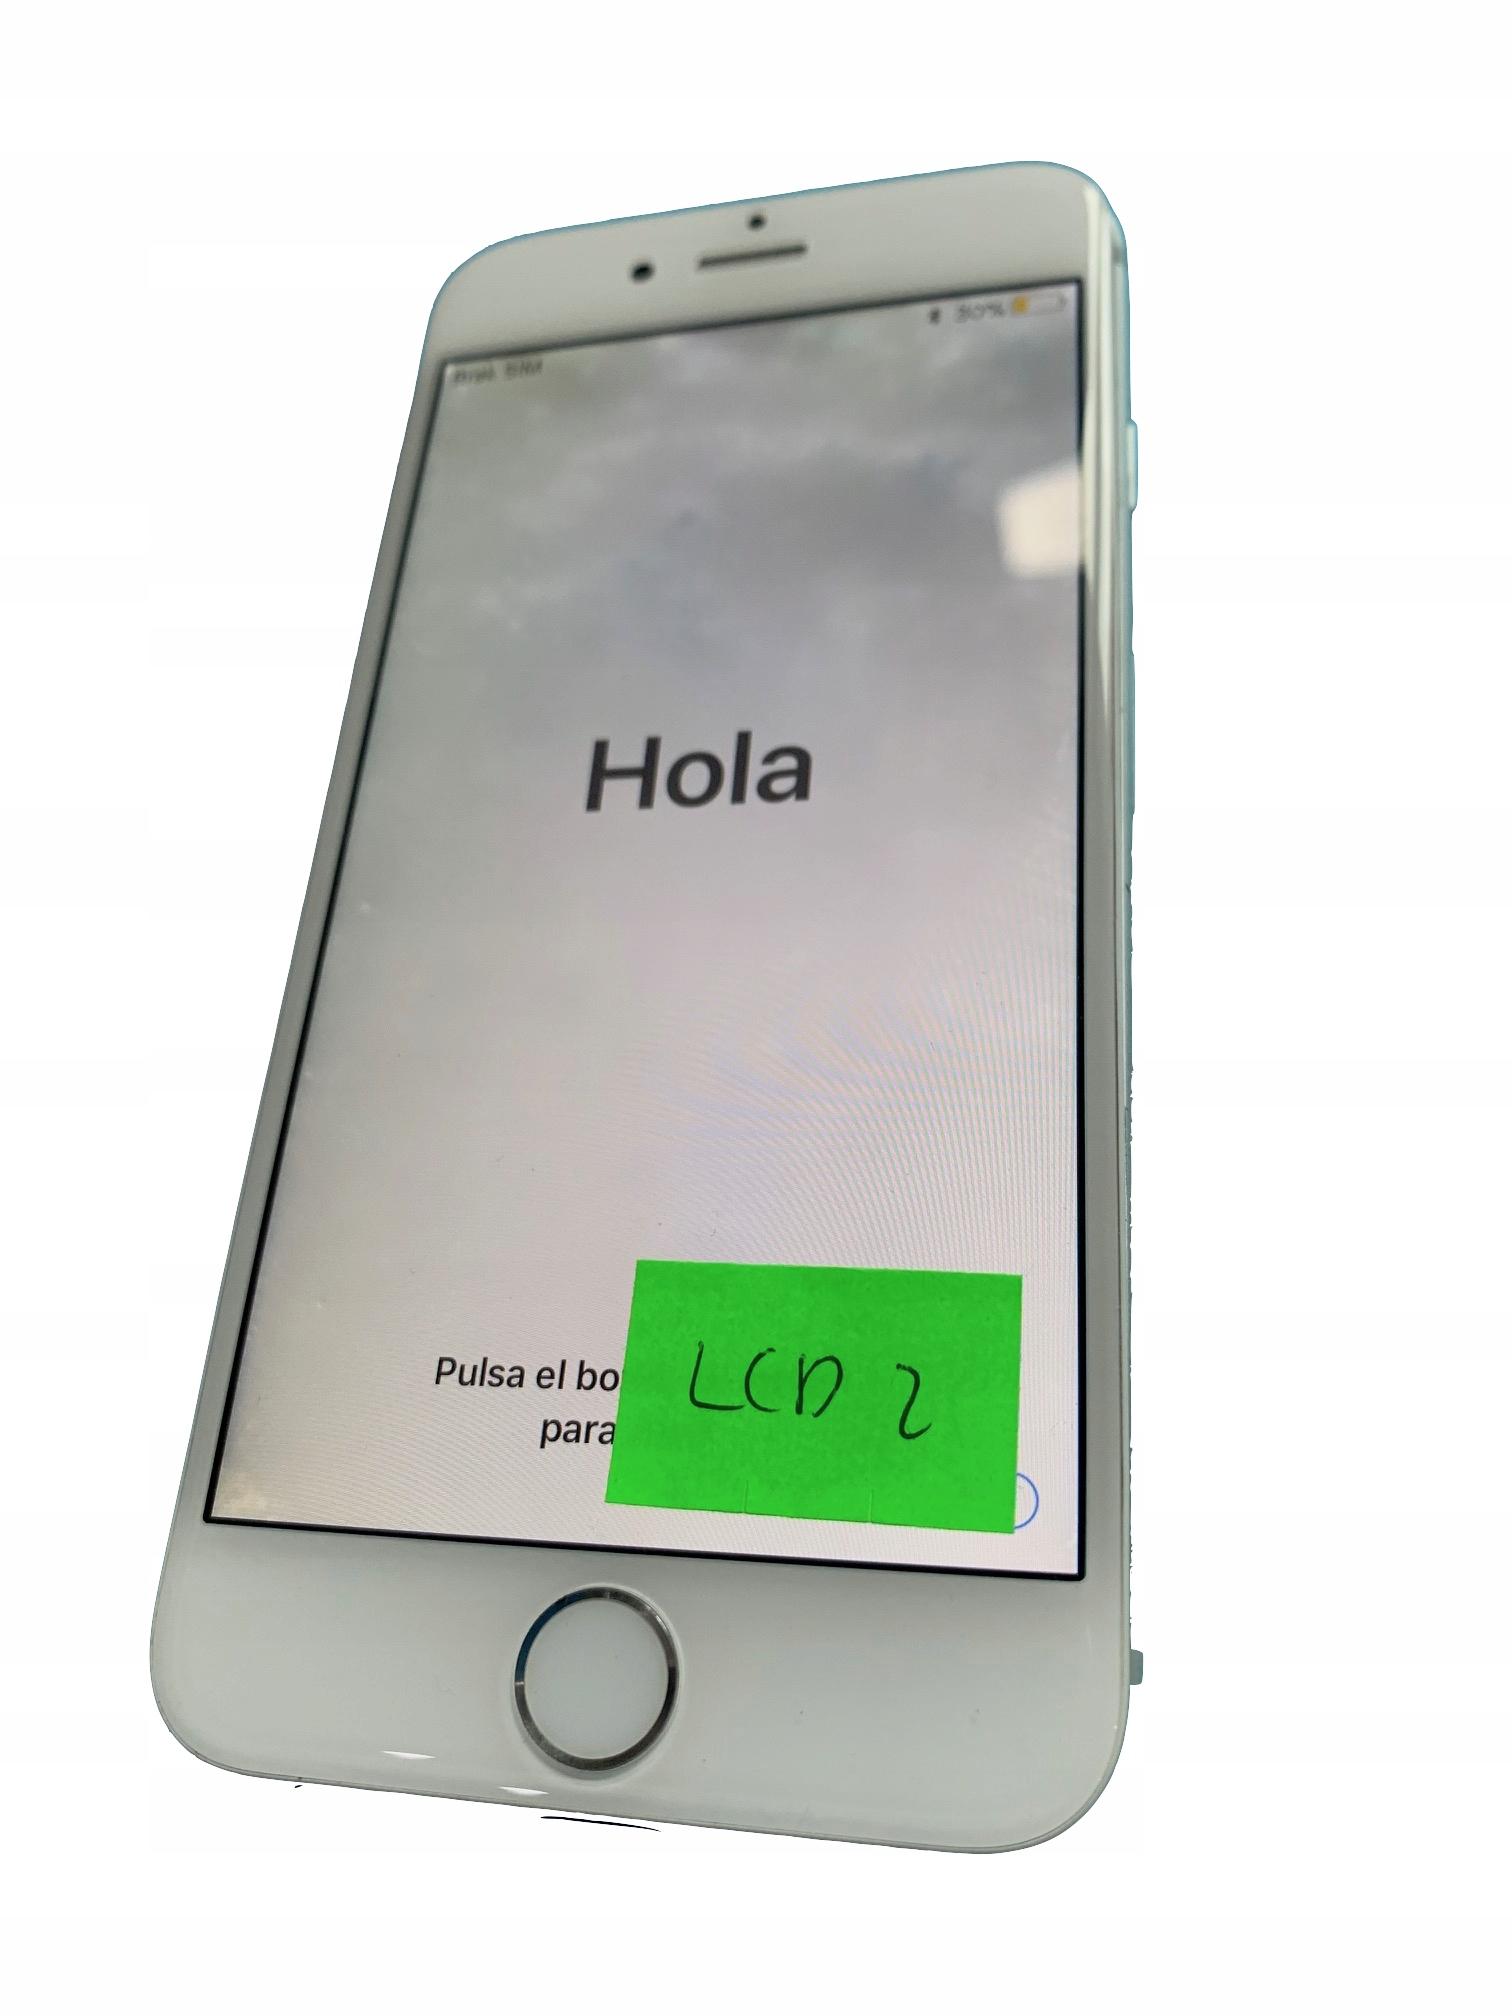 APPLE IPHONE 6 BIALY WYSWIETLACZ ORYGINAL LCD2